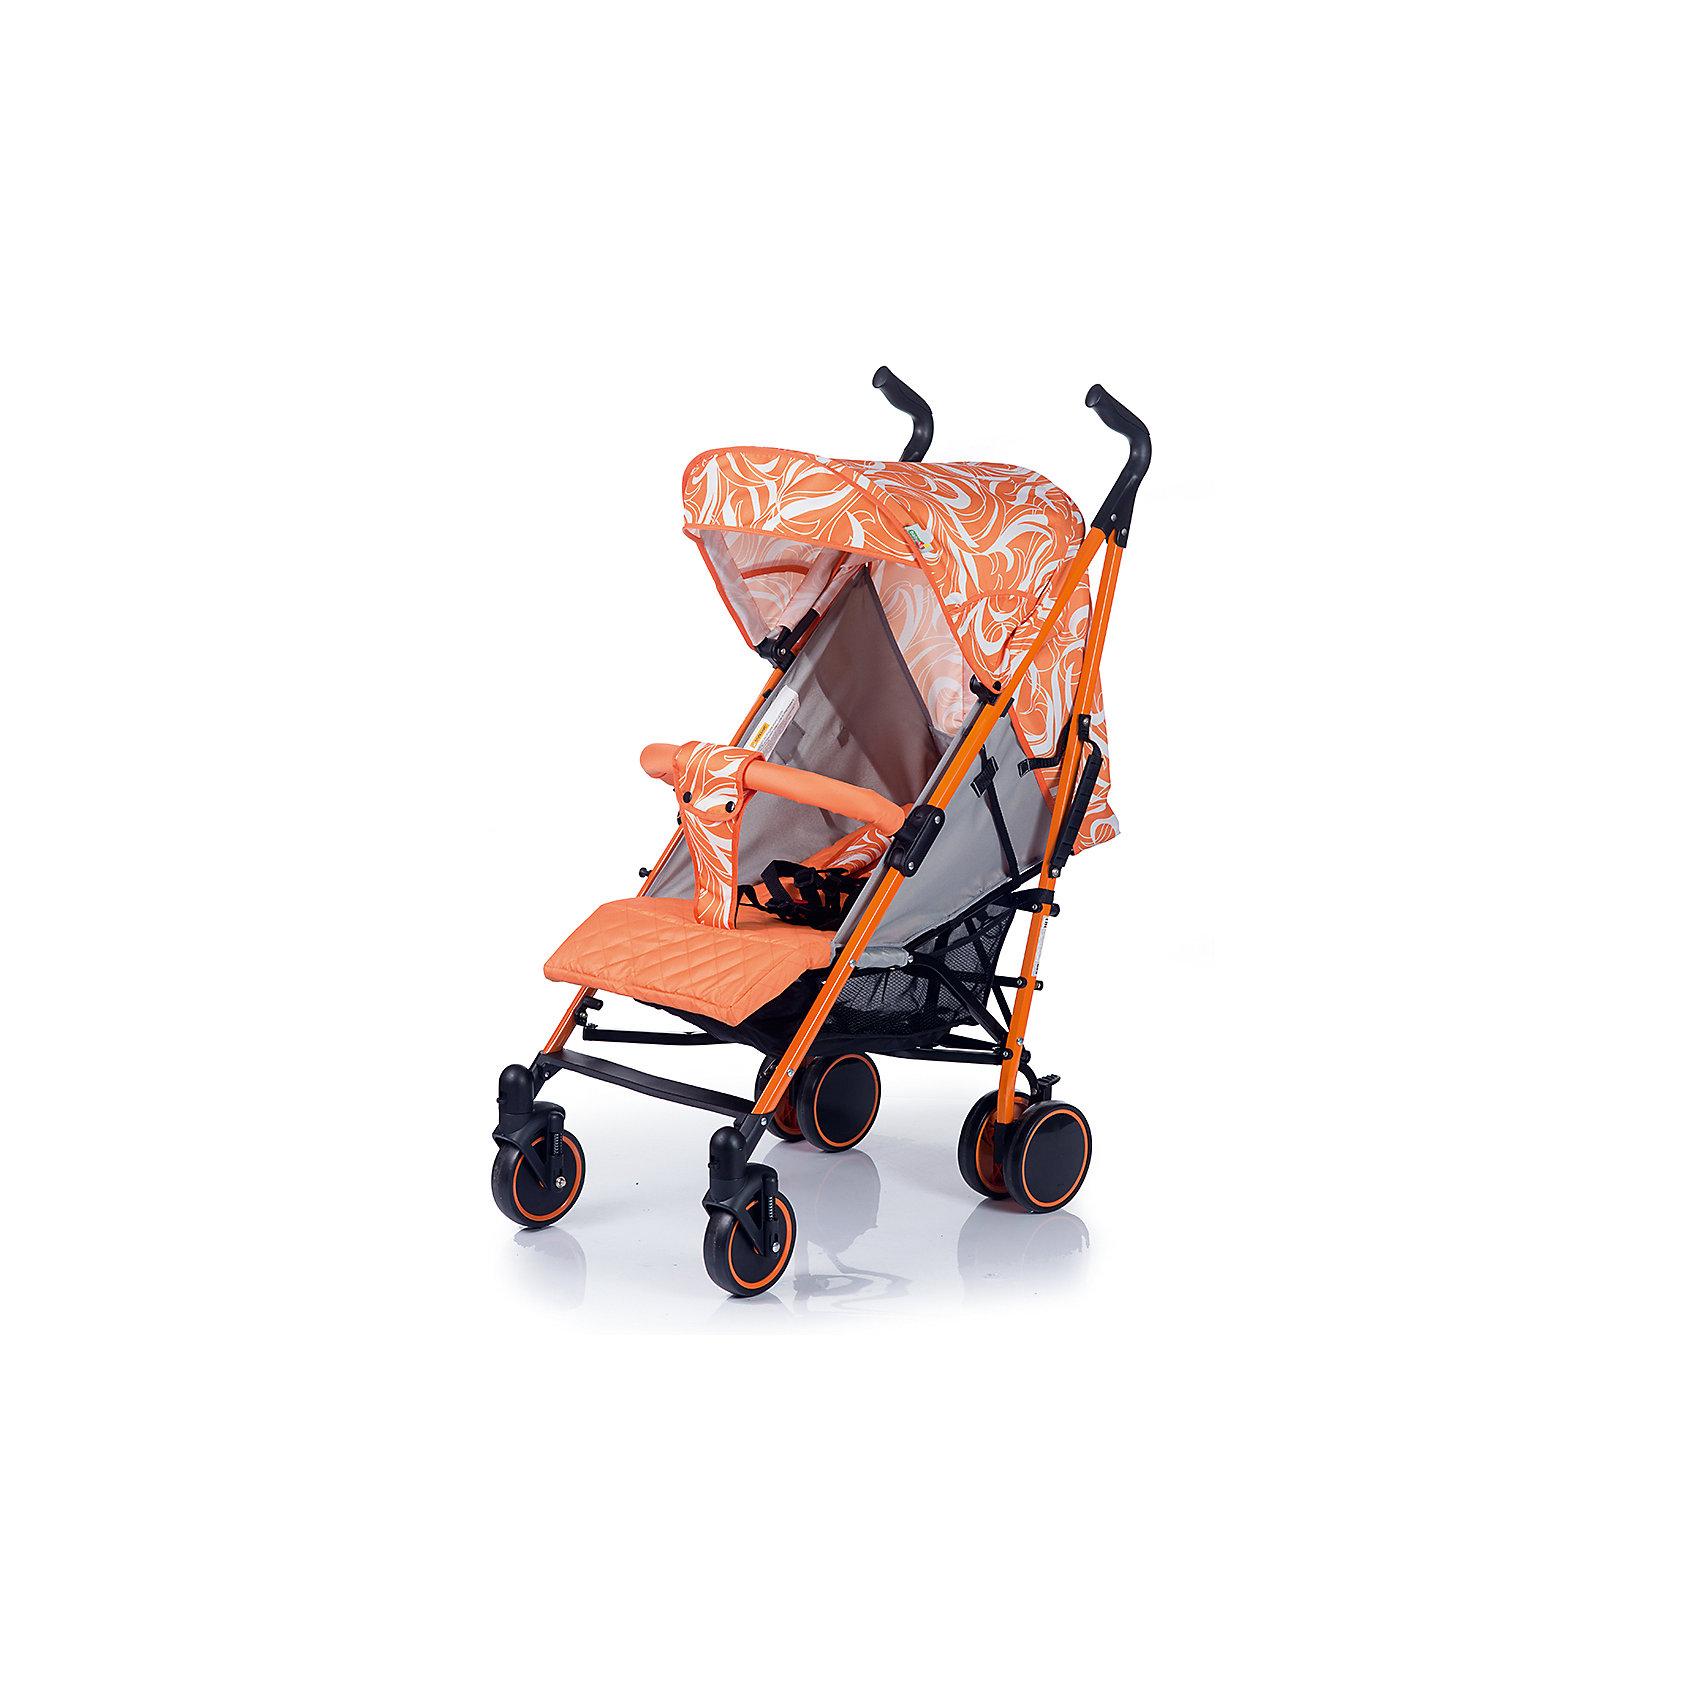 Коляска-трость BabyHit Handy, белый/оранжевыйКоляски-трости<br>Характеристики коляски:<br><br>Рама коляски:<br><br>• наклон спинки коляски регулируется до горизонтального положения;<br>• подножка регулируется;<br>• система 5-ти точечных ремней безопасности;<br>• глубокий капюшон «батискаф»;<br>• капюшон оснащен смотровым окошком;<br>• съемный поручень с паховым ремнем;<br>• чехол на ножки согревает ребенка в холодное время года;<br>• москитная сетка защищает кроху от насекомых;<br>• длина спального места: 75 см;<br>• ширина сиденья: 35 см;<br>• глубина сиденья: 21 см;<br>• высота спинки:  47 см.<br><br>Рама коляски:<br><br>• одинарные передние поворотные колеса с фиксацией в положении «прямо»;<br>• ручки коляски регулируются по высоте;<br>• система амортизации на всех колесах;<br>• корзина для покупок;<br>• тип складывания: трость;<br>• высота до ручки: 87-107 см;<br>• диаметр передних колес: 14 см;<br>• диаметр задних колес: 15 см.<br><br>Размеры коляски в разложенном виде: 83х50х107 см<br>Размеры коляски в сложенном виде: 107х33х33 см<br>Вес коляски: 8 кг<br><br>Коляску-трость Babyhit Handy можно купить в нашем интернет-магазине.<br><br>Ширина мм: 300<br>Глубина мм: 230<br>Высота мм: 1000<br>Вес г: 9850<br>Возраст от месяцев: 6<br>Возраст до месяцев: 36<br>Пол: Унисекс<br>Возраст: Детский<br>SKU: 6668606